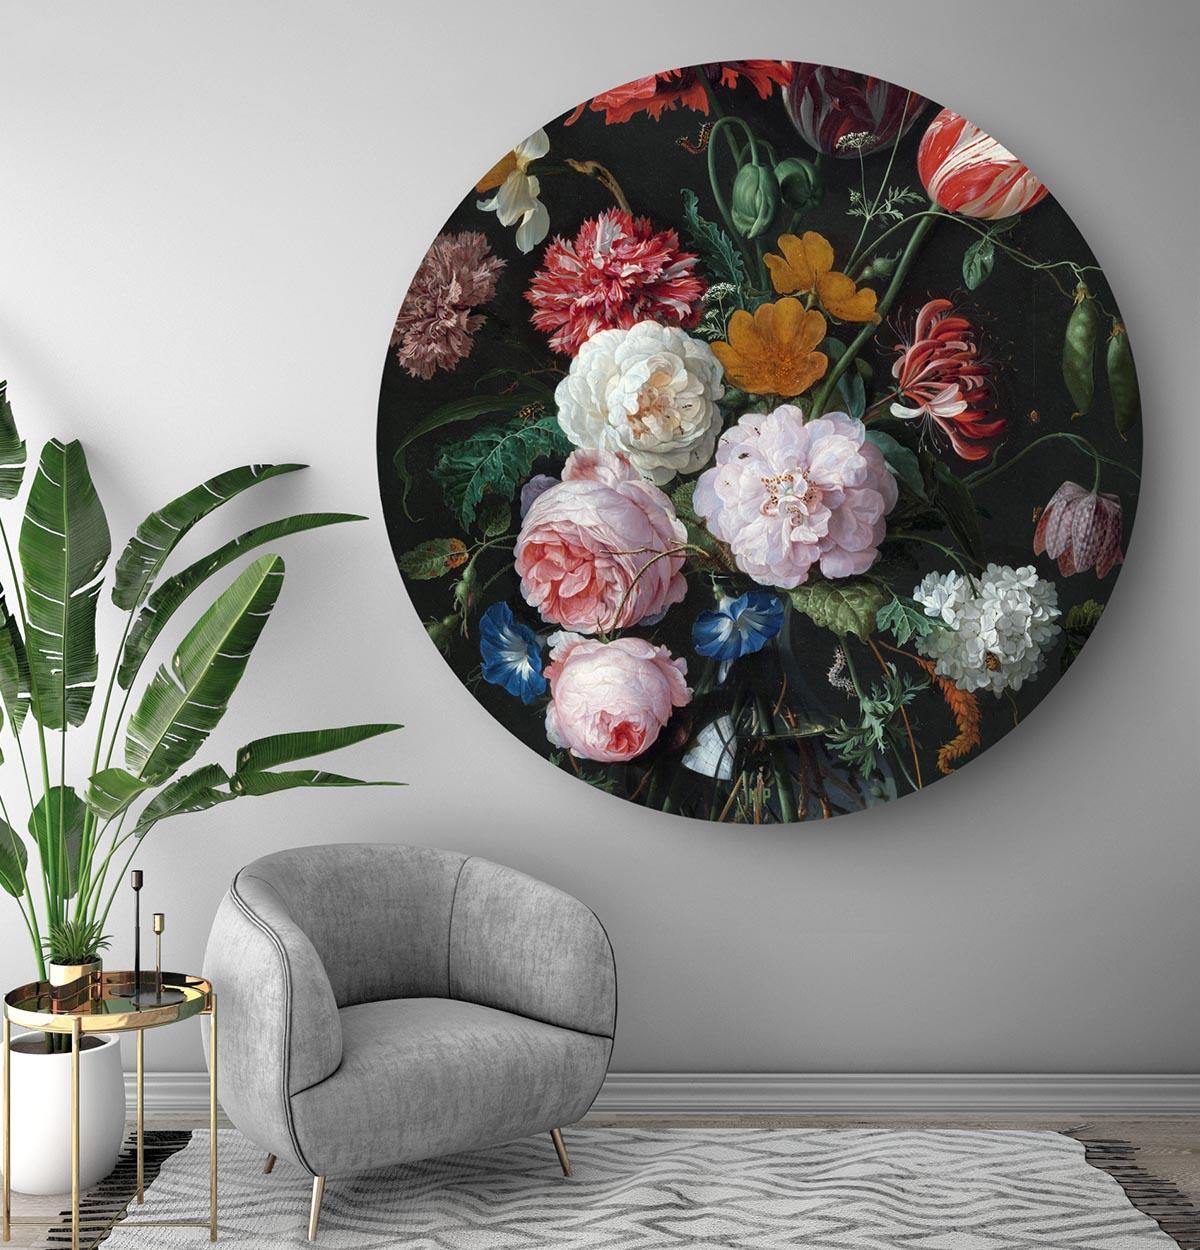 Stilleven Met Bloemen Heem In Het Rond Schilderij Rond Hip Orgnl